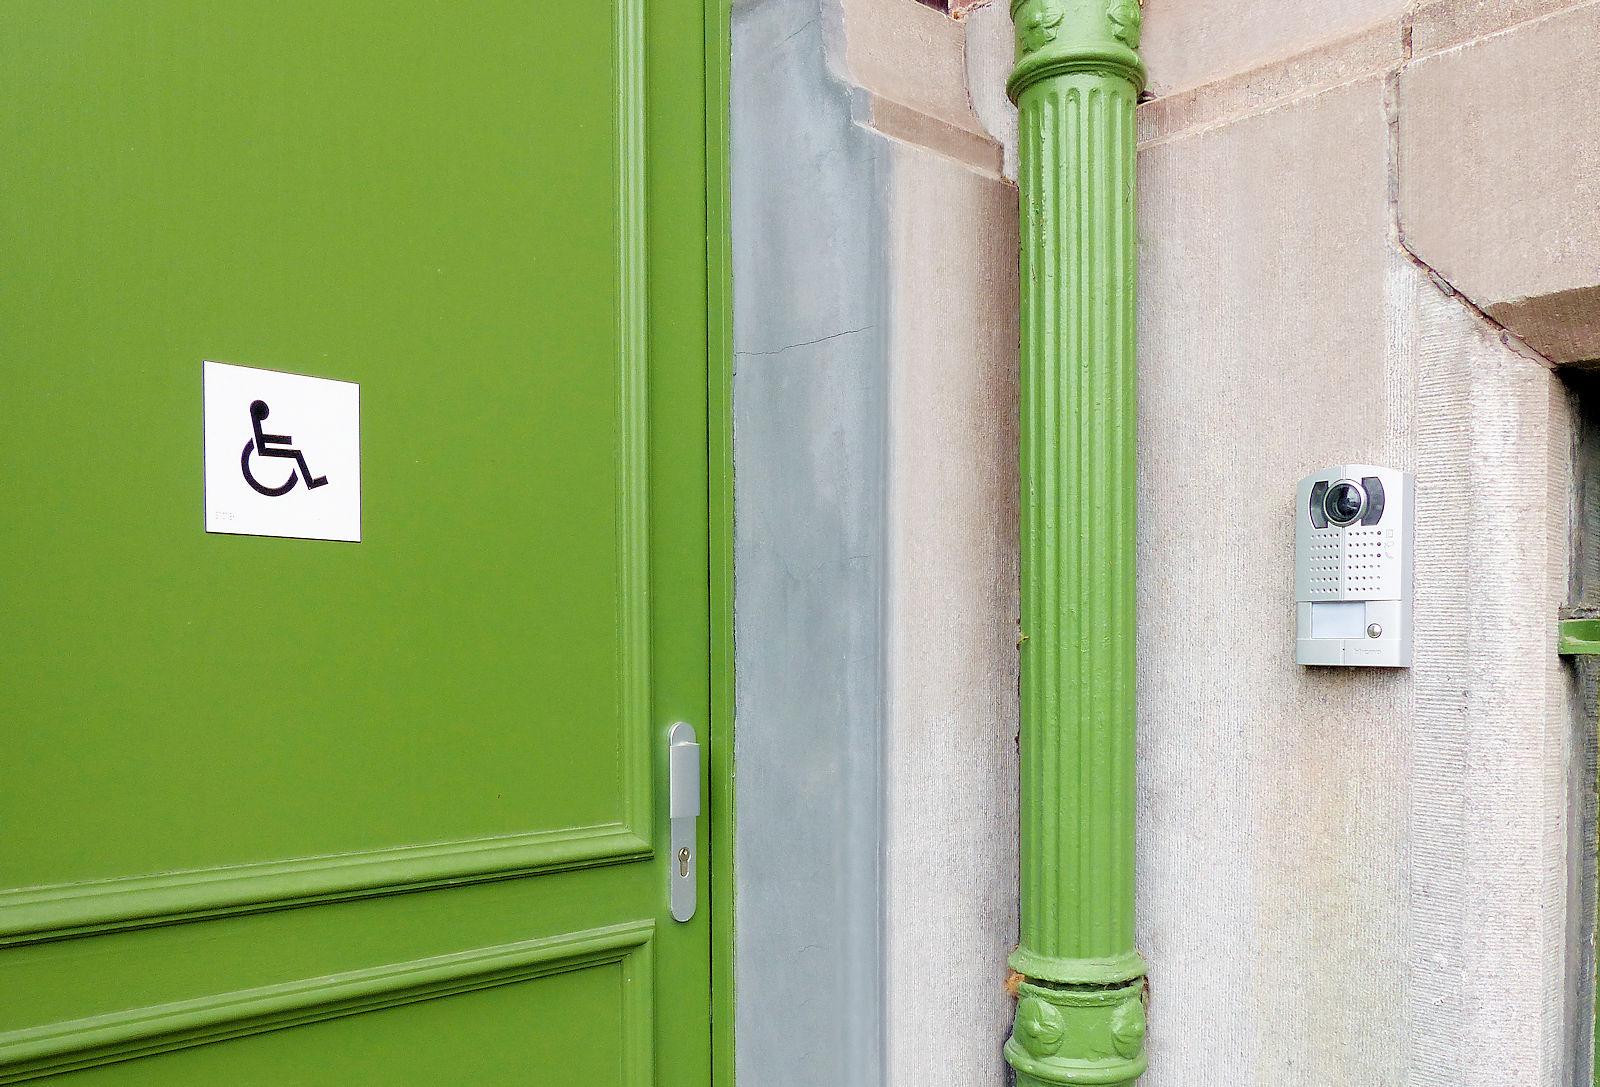 Institut du Monde Arabe, Tourcoing - Entrée fauteuils roulants.